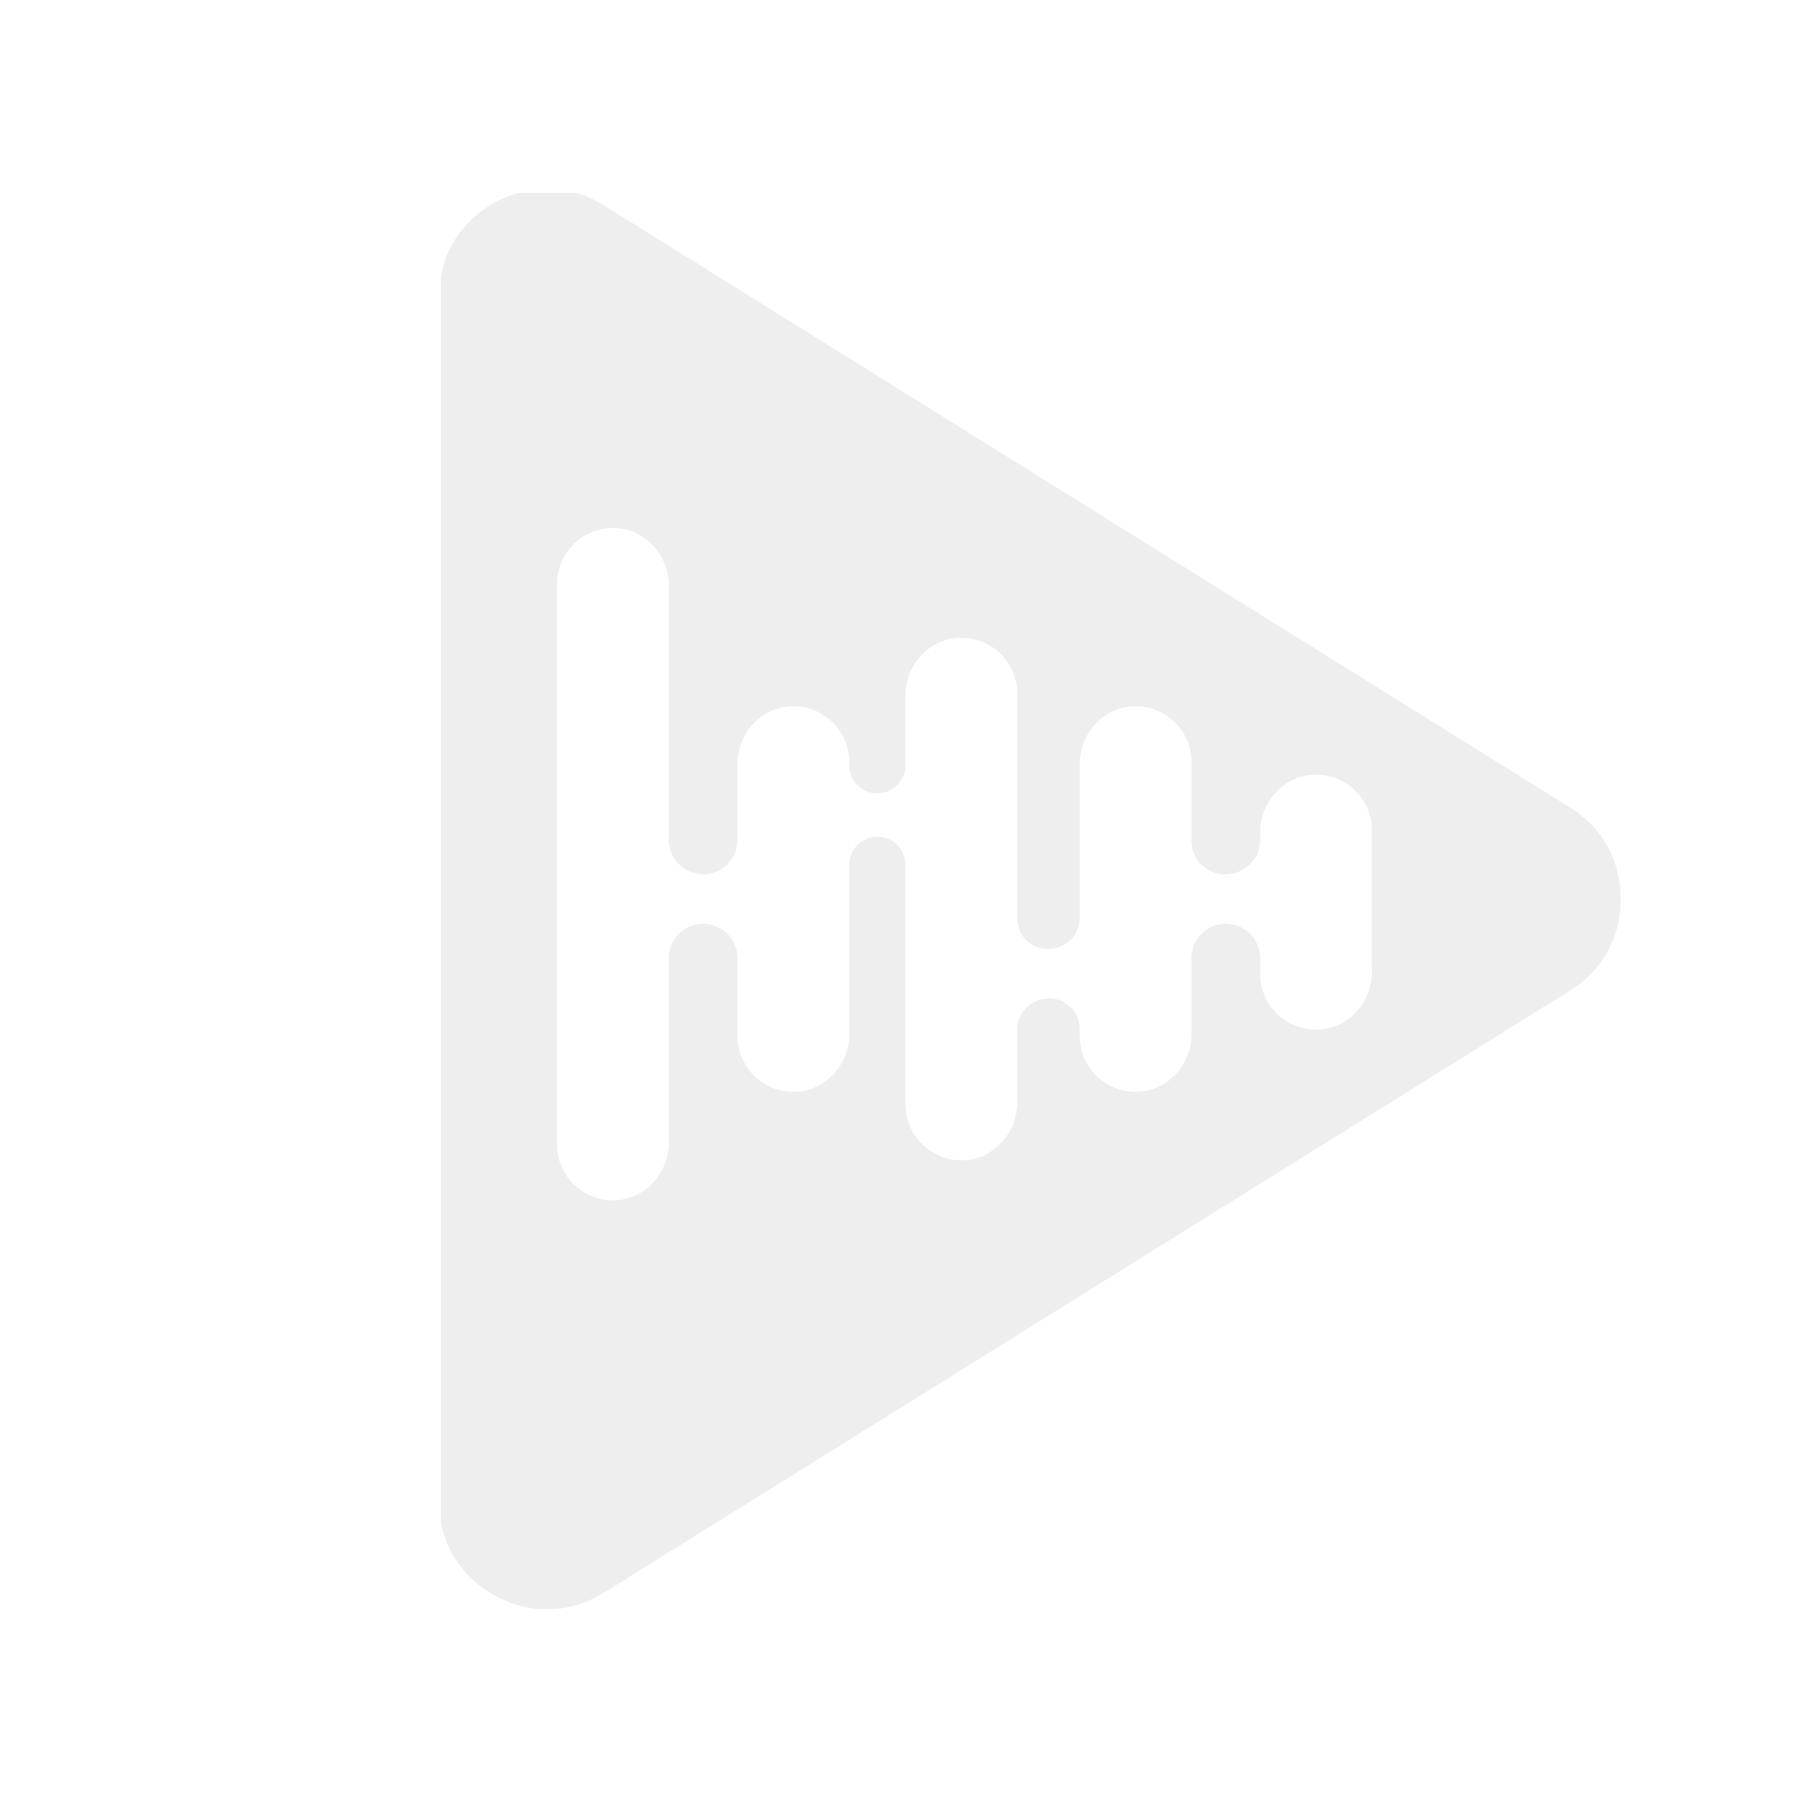 StP ALUM - Alufolie /m lim, forsegler for dør (1,19m2)